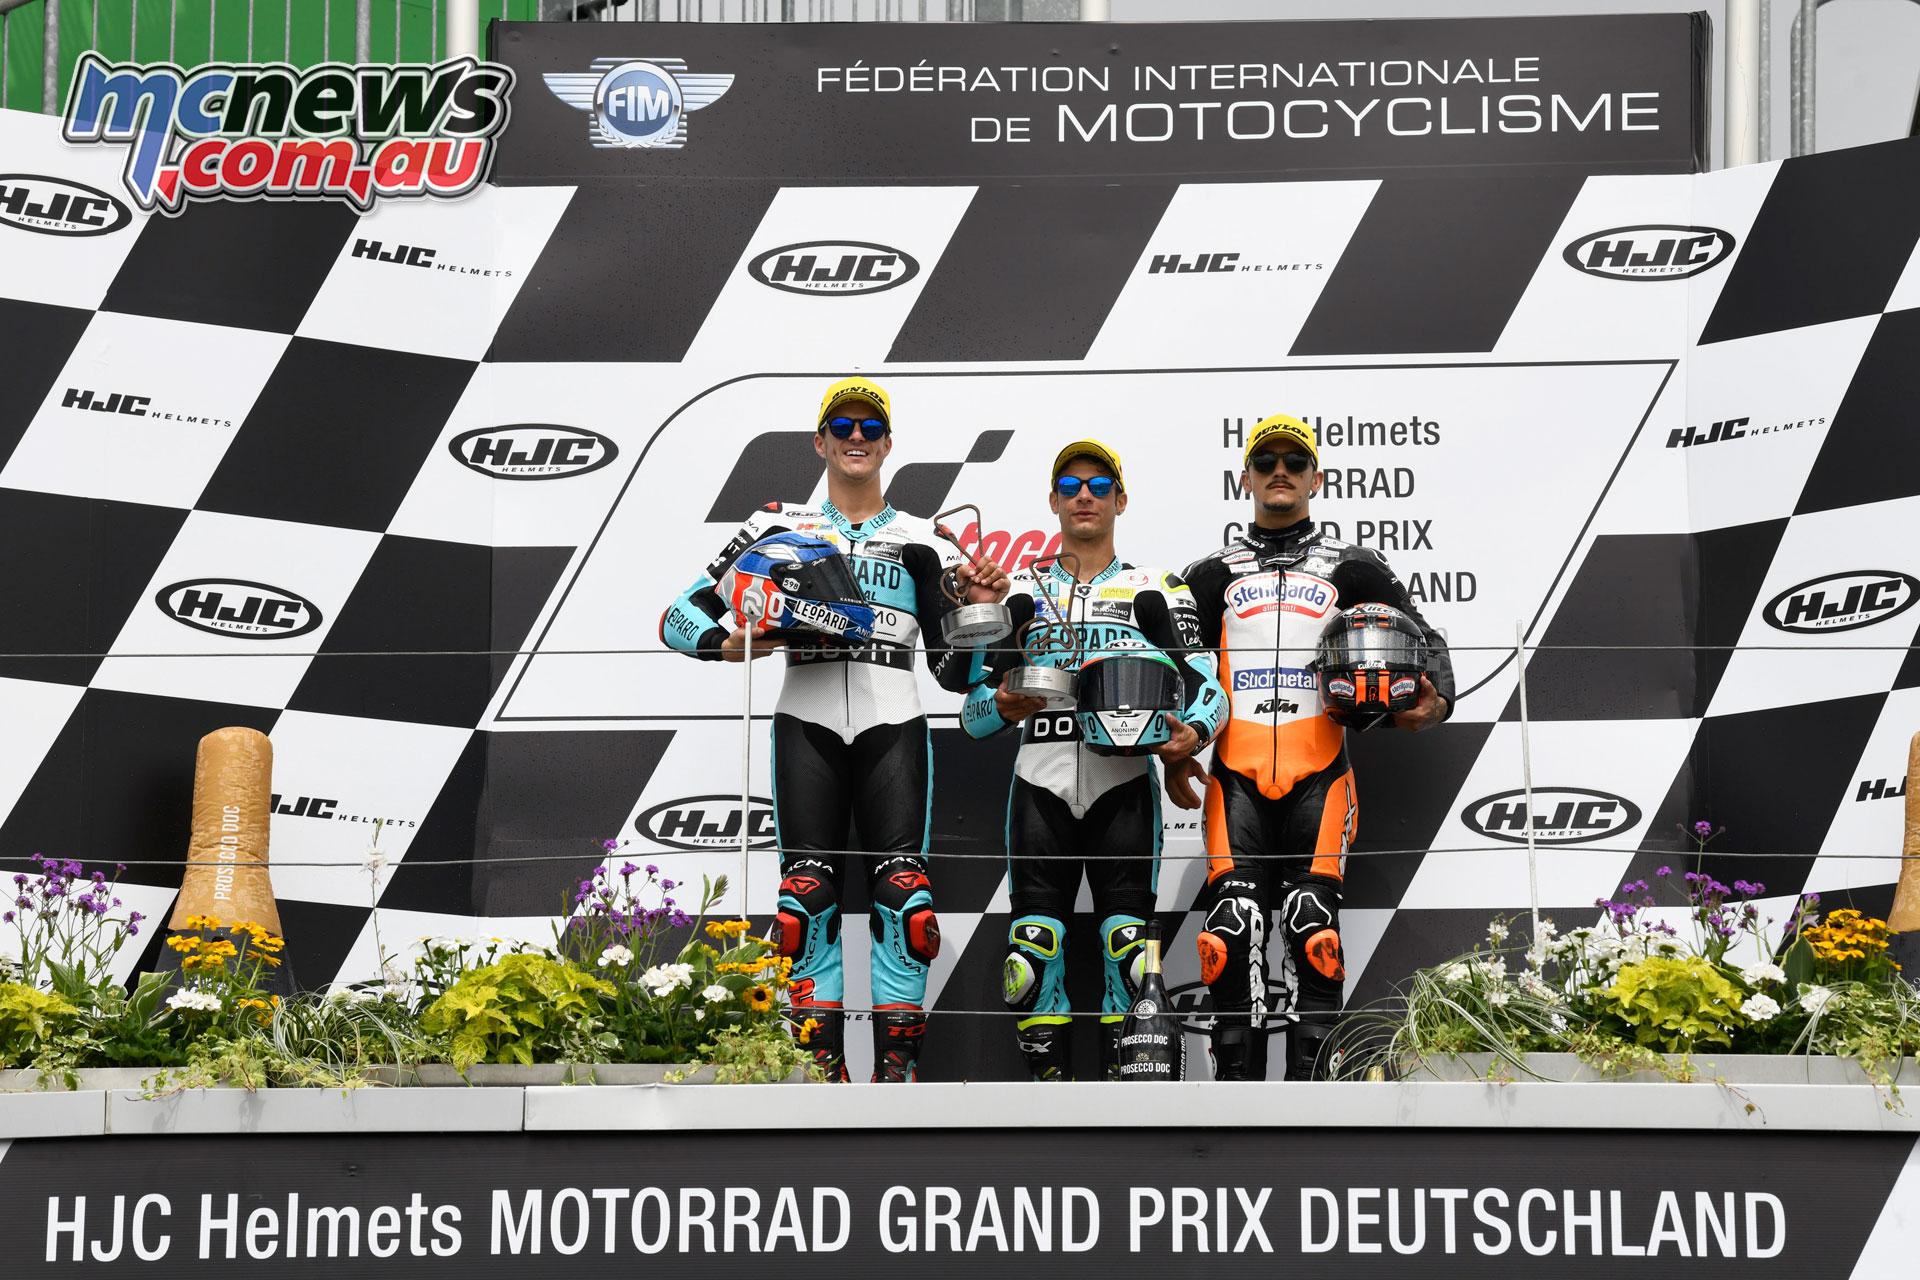 MotoGP Rnd Sachsenring Germany Moto Podium